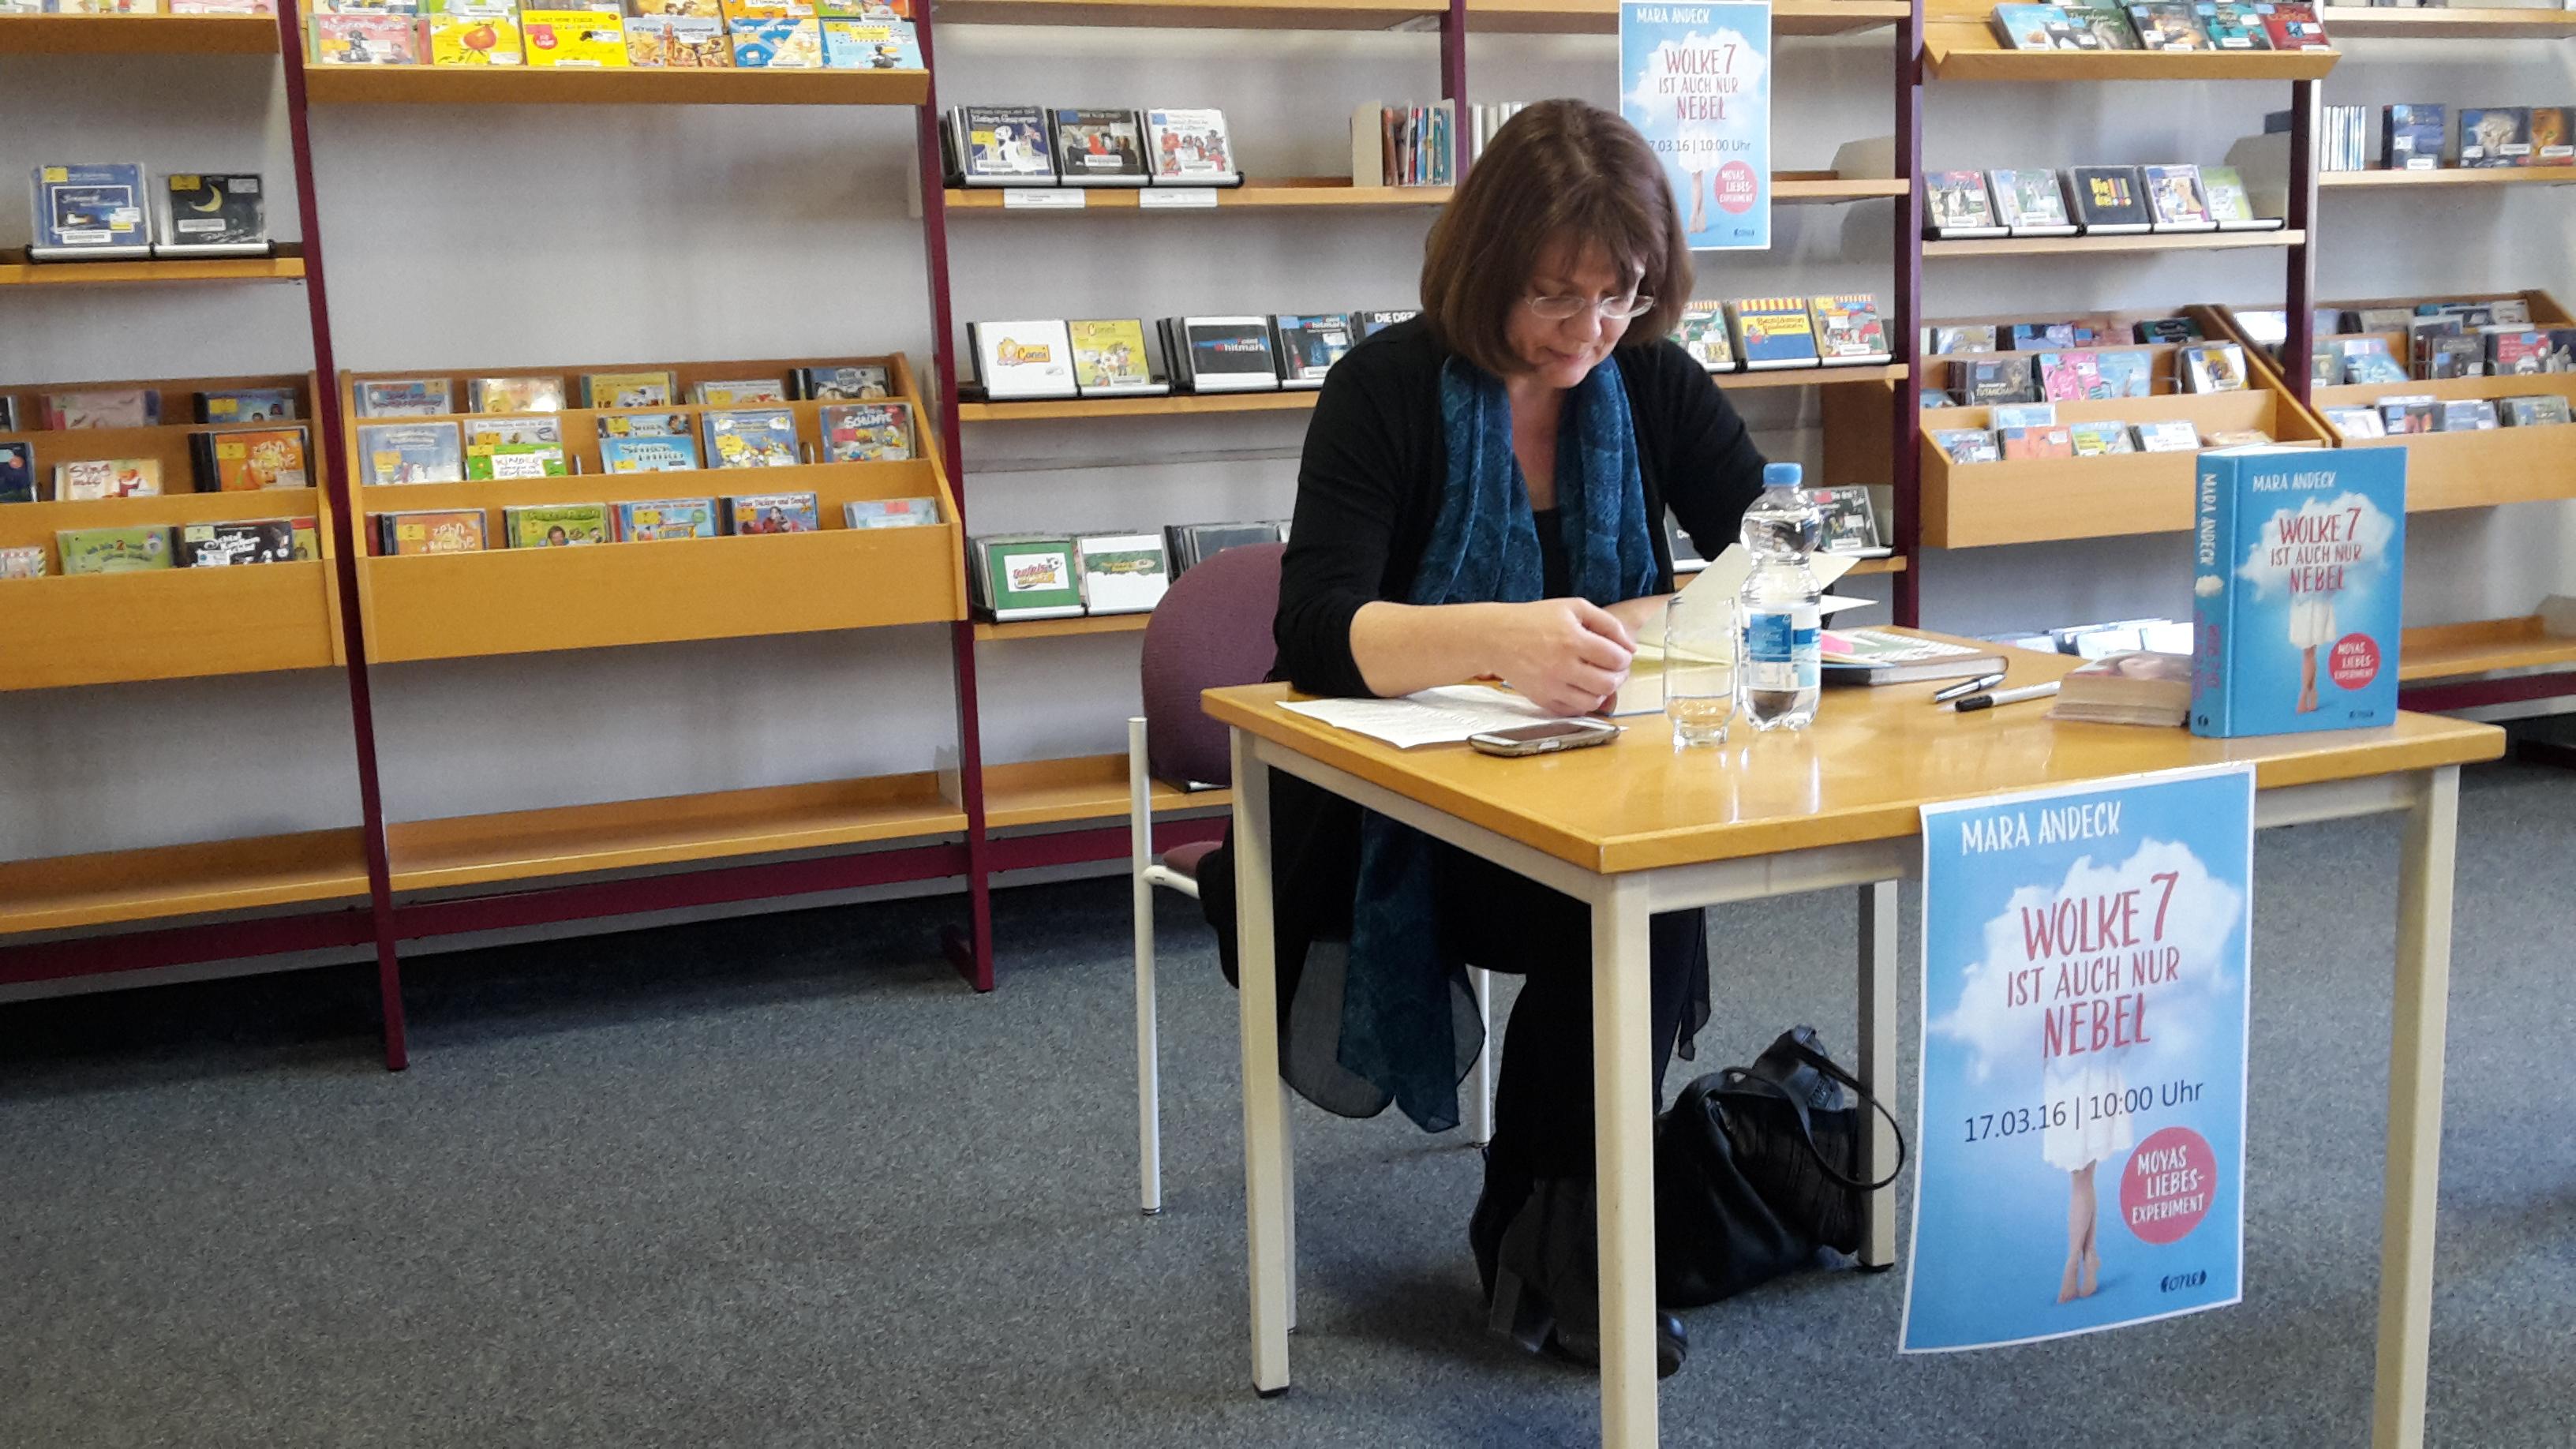 Mara Andeck liest aus Wolke 7 ist auch nur Nebel. © Daniela Göckeritz